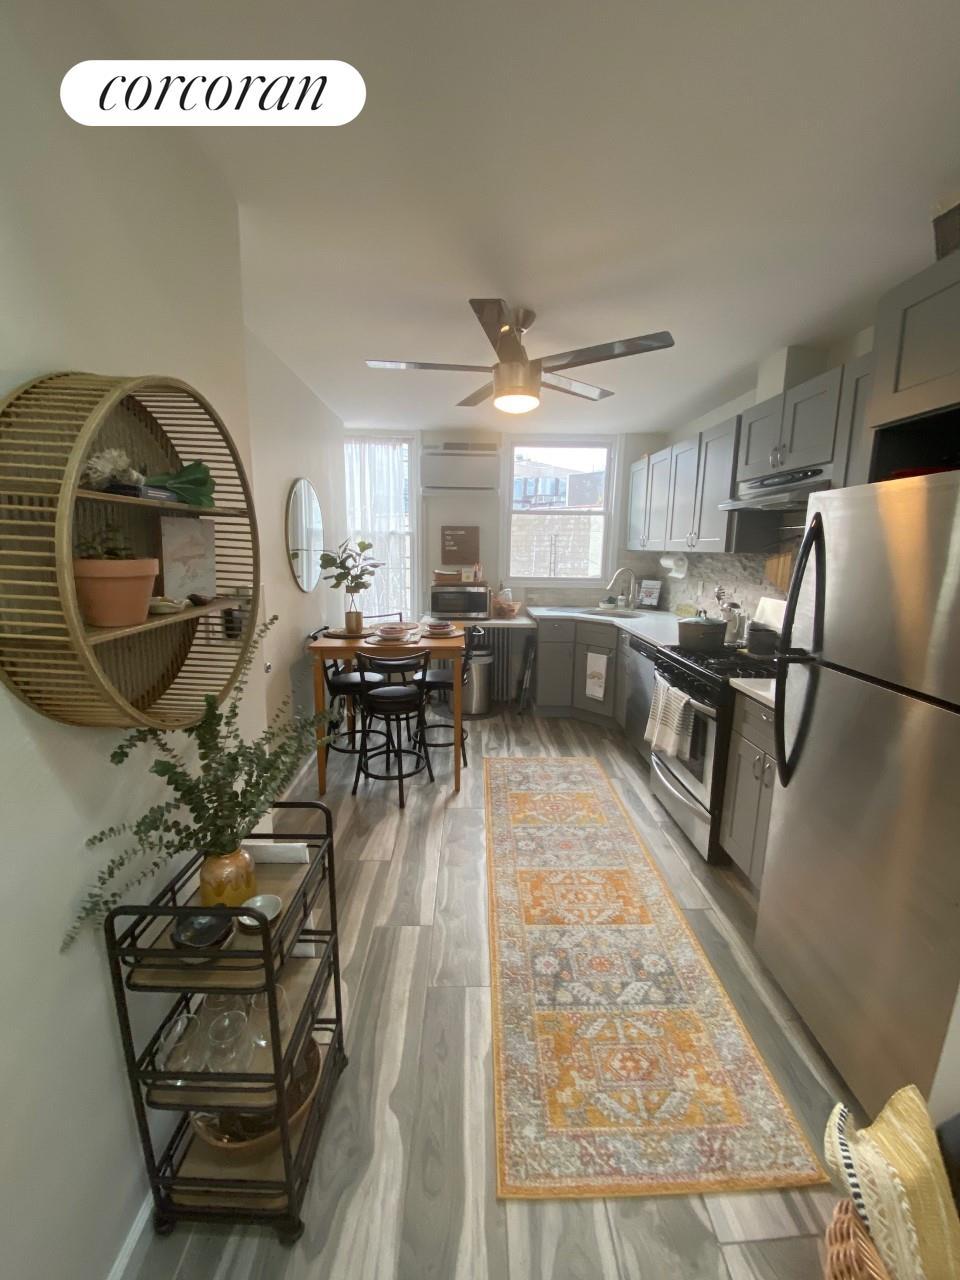 619 Union Avenue Interior Photo